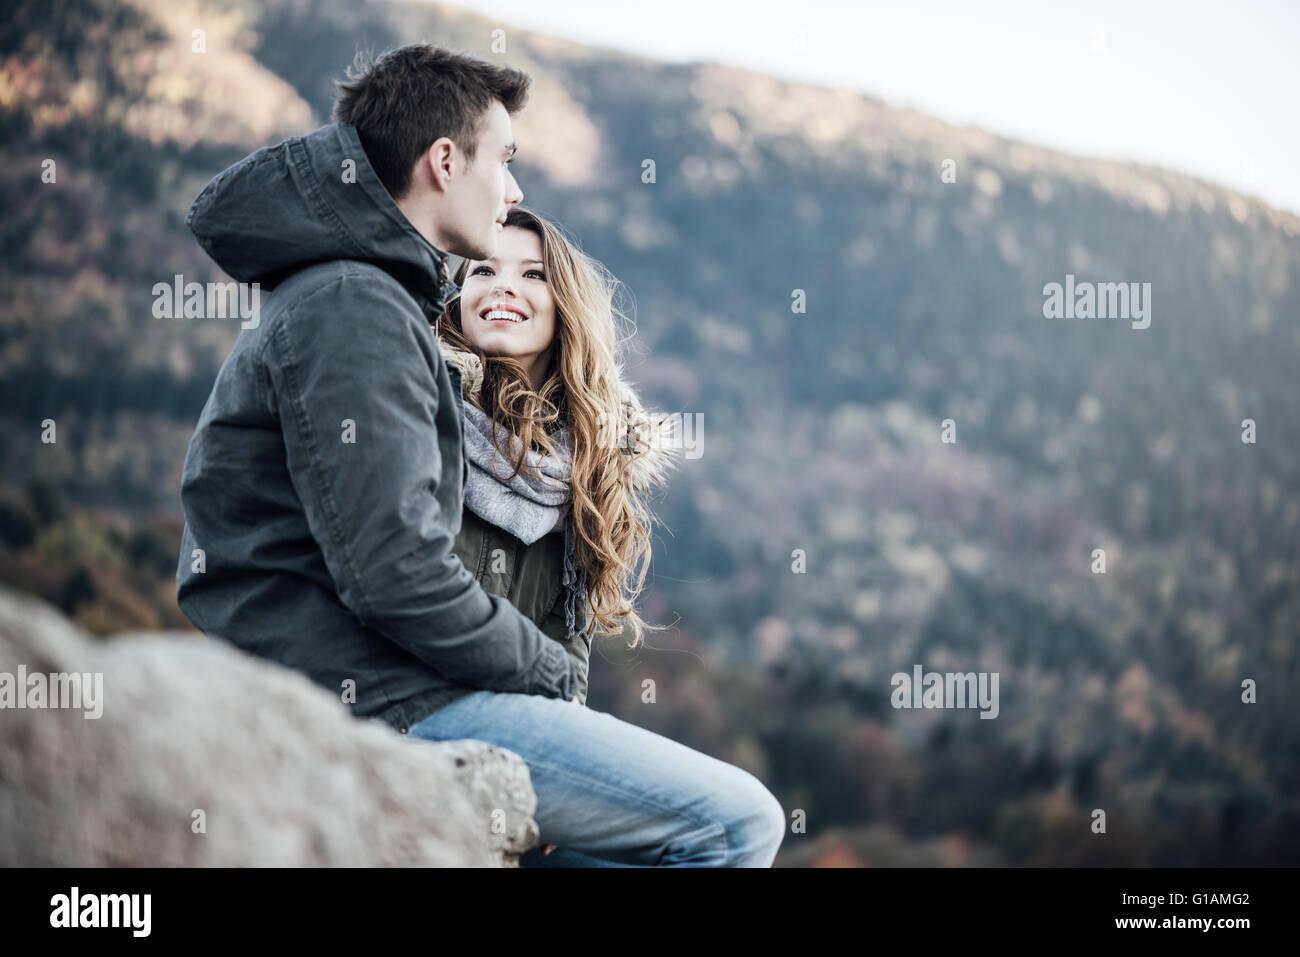 Jeune couple romantique en hiver, ils sont assis ensemble, elle est à la recherche de son petit ami Photo Stock